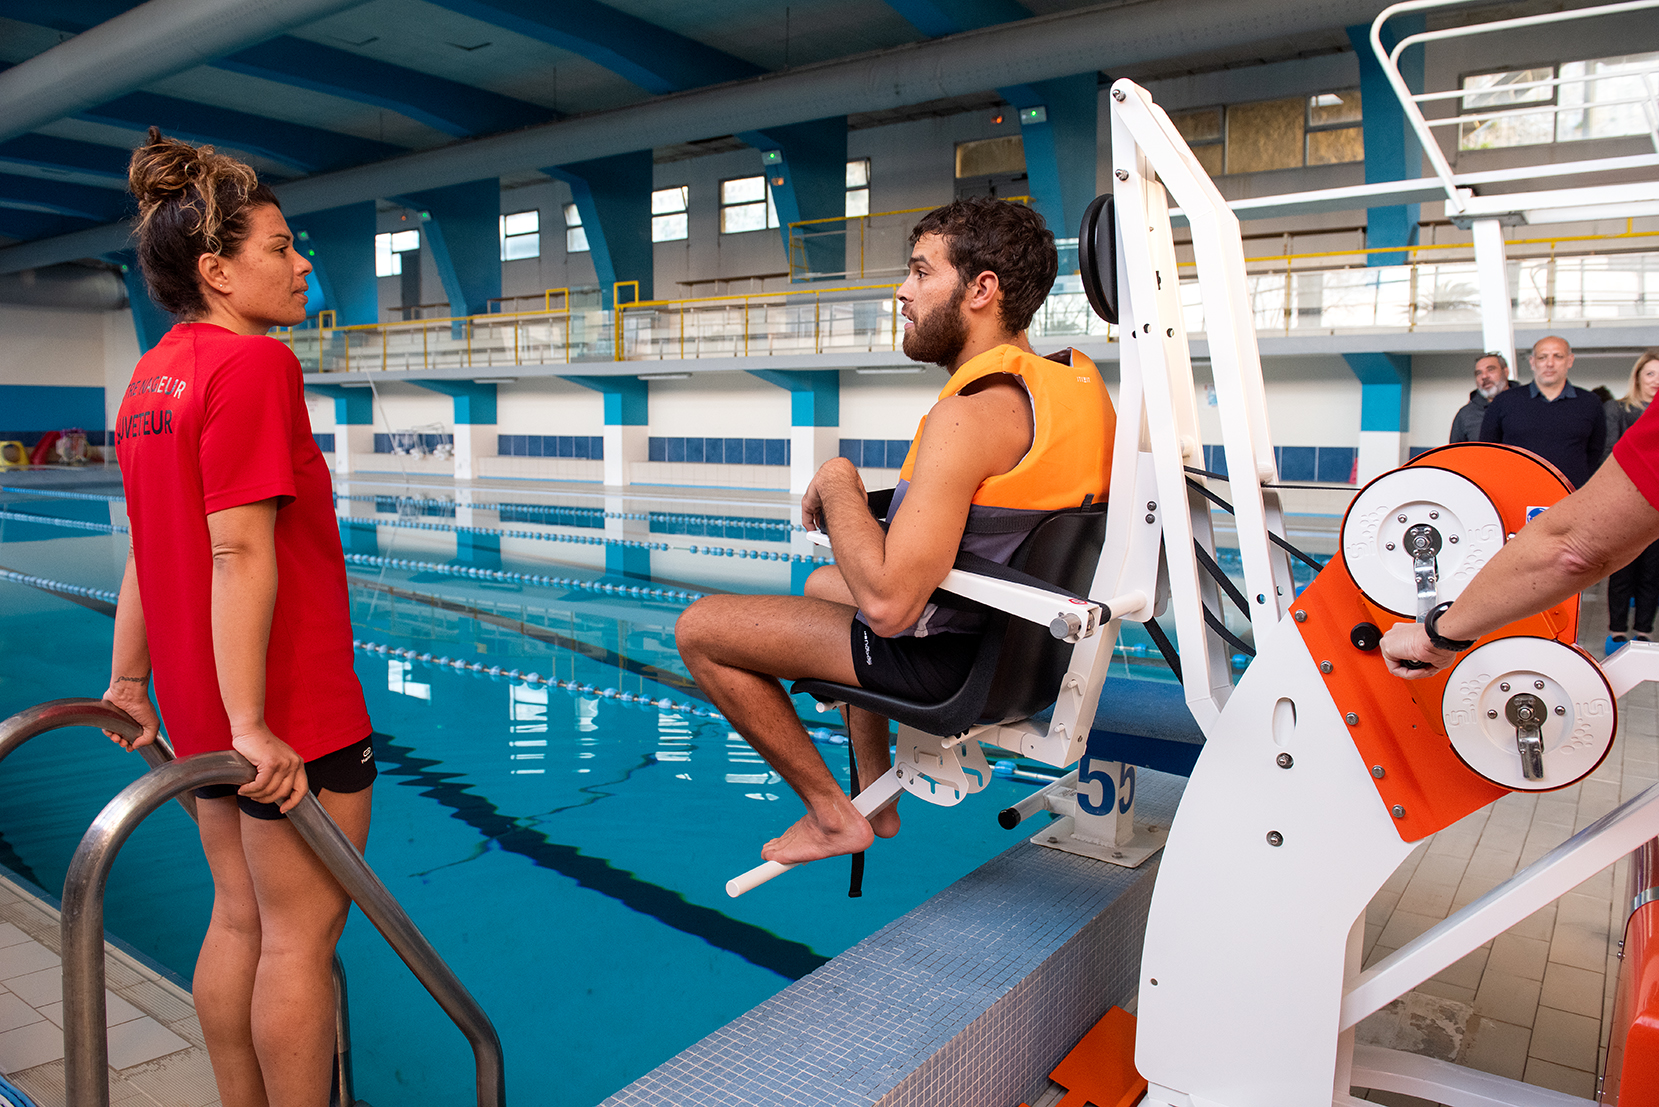 Christophe, 24 ans, a inauguré le fauteuil de mise à l'eau de la piscine du complexe Pascal Rossini (Photos Ville d'Ajaccio).